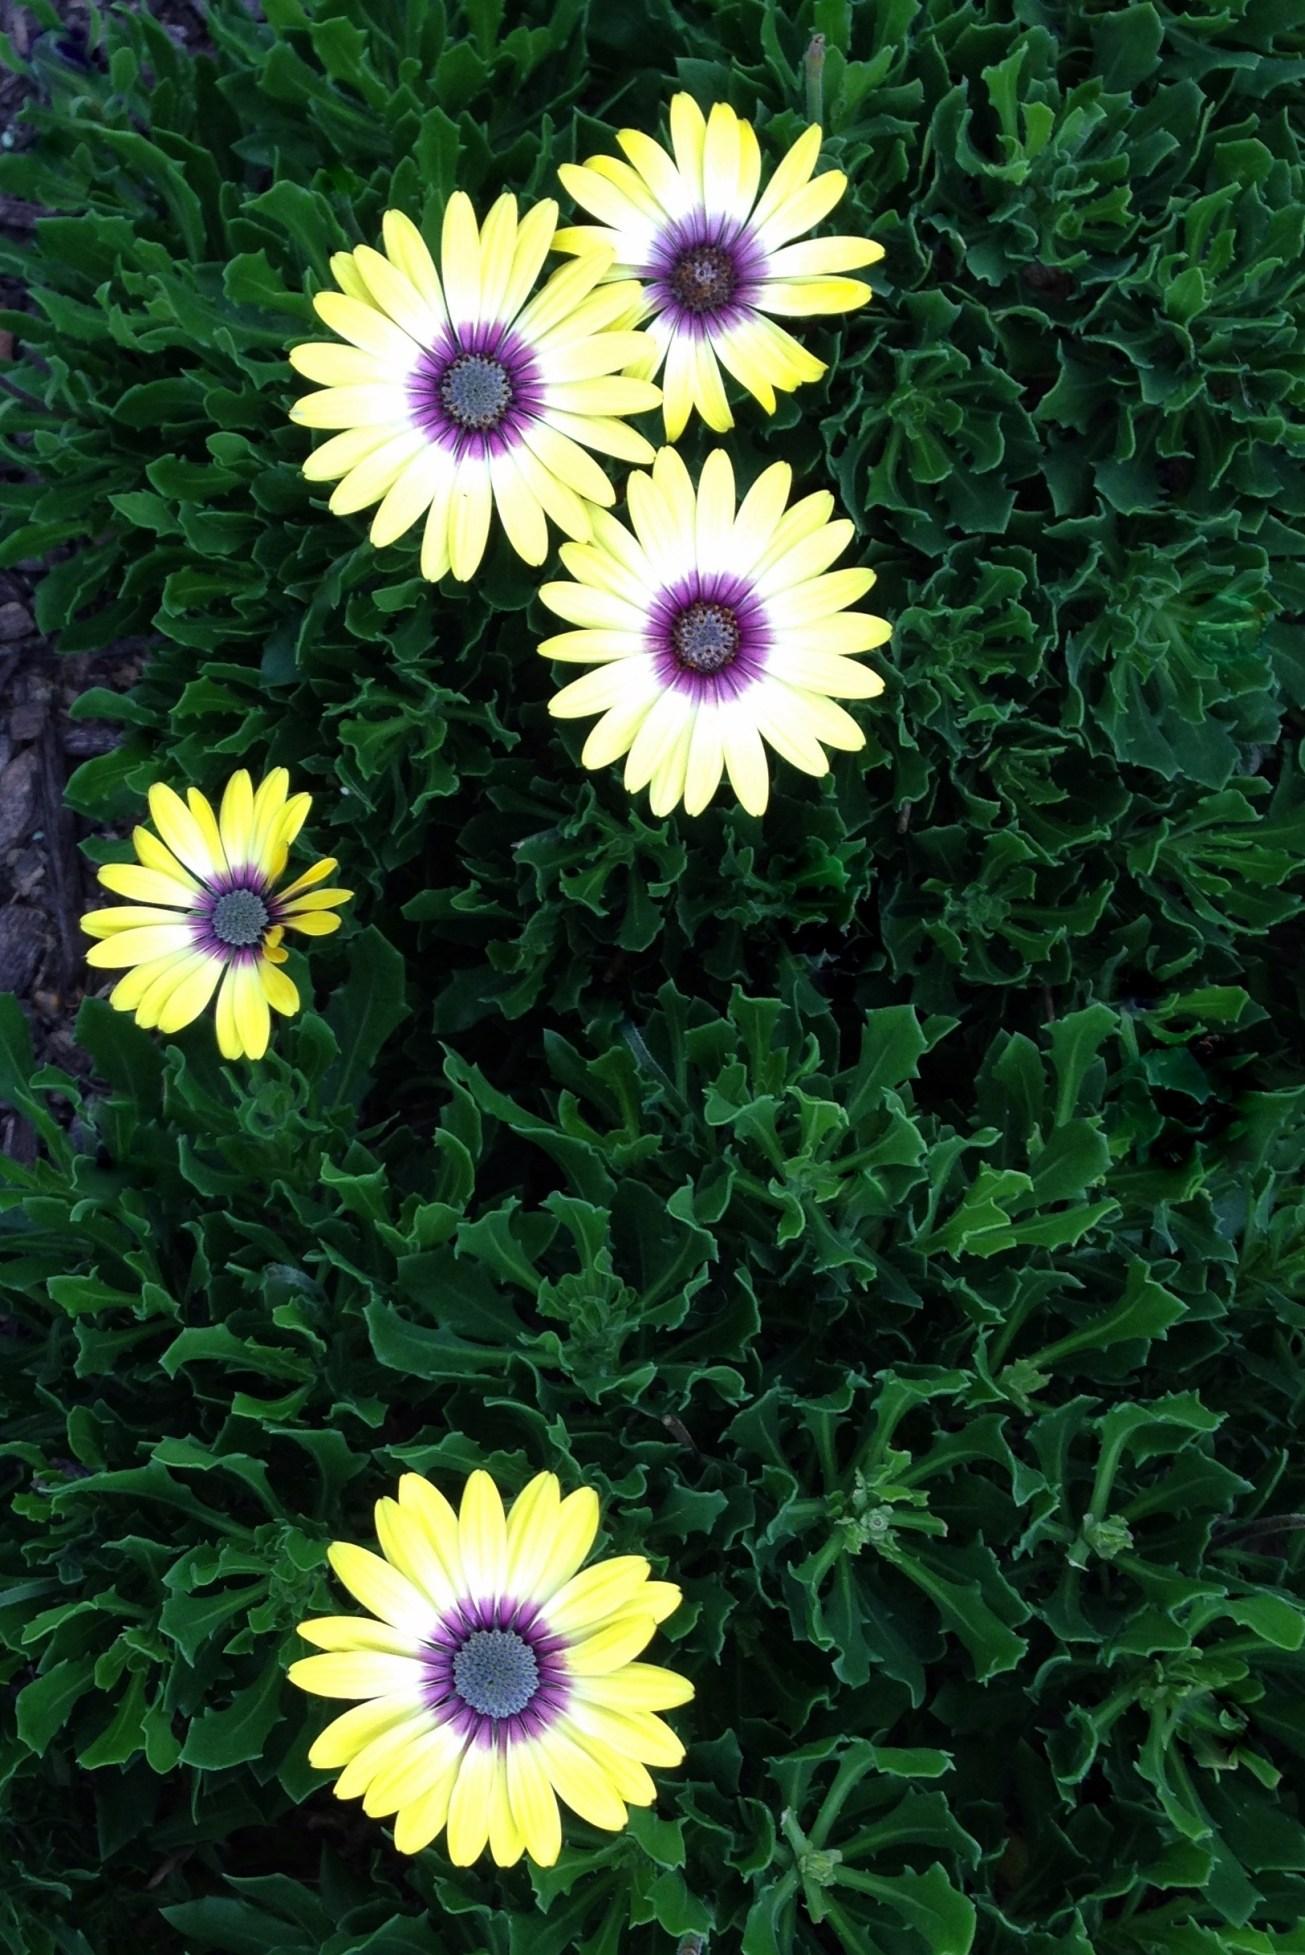 IMG_9762-001 gall fall daisies